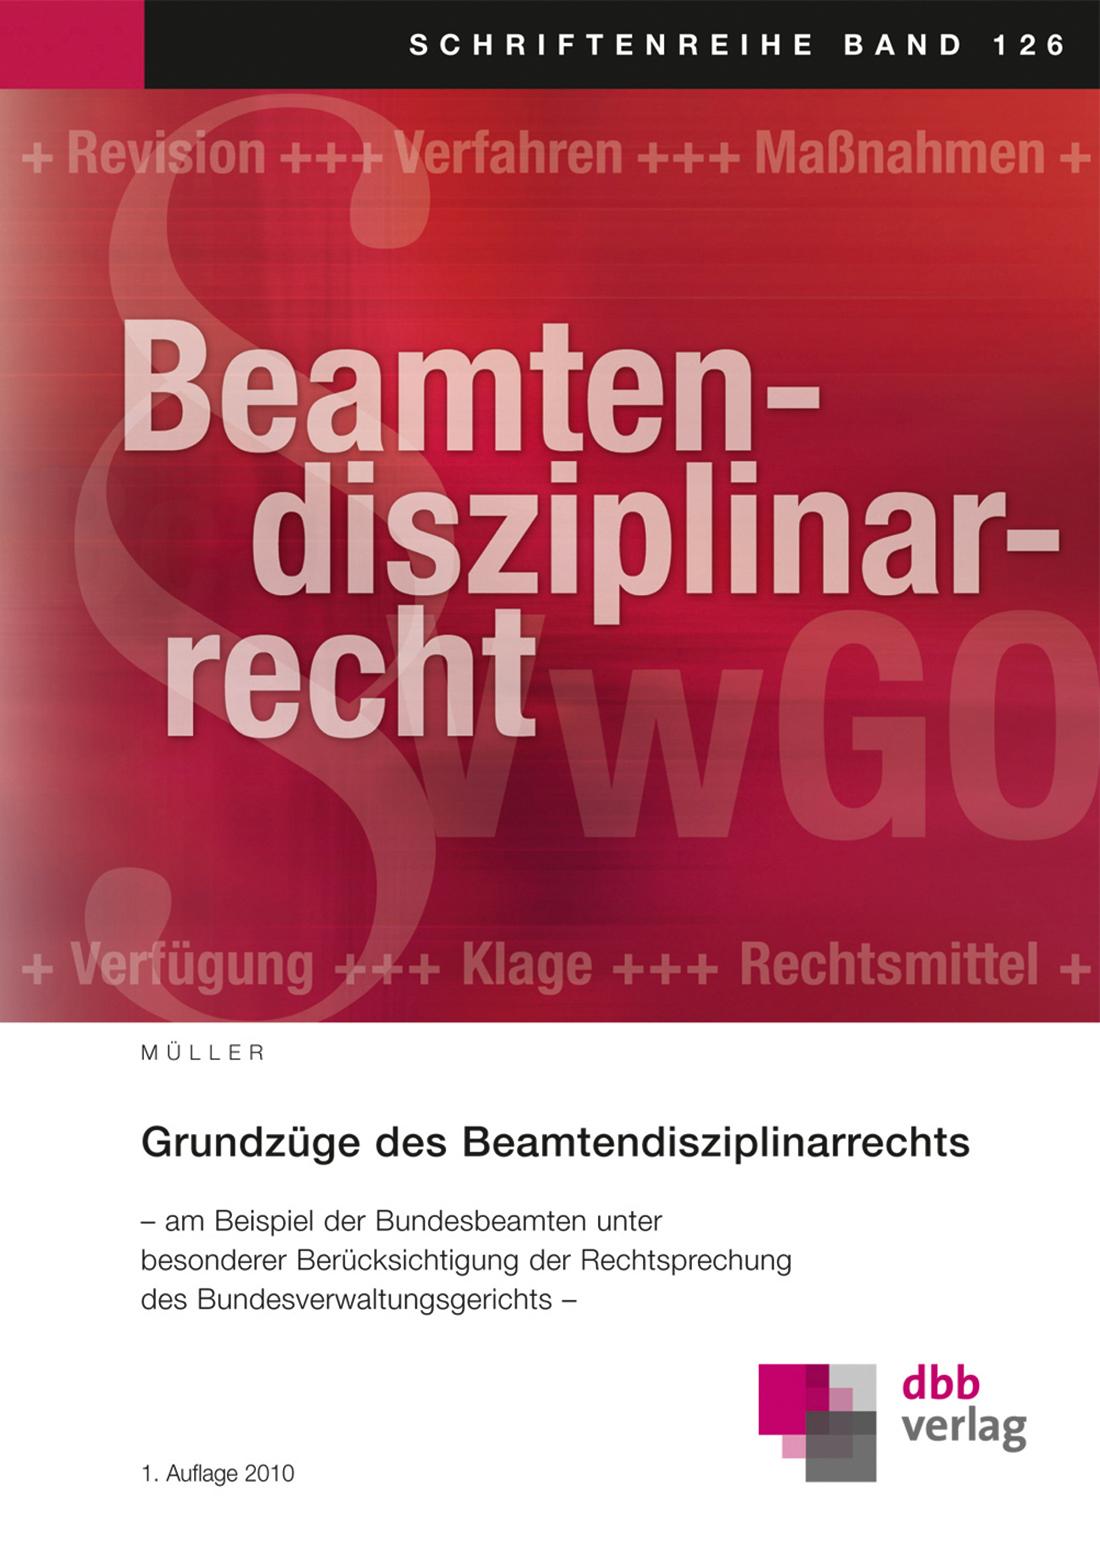 Grundzüge des Beamtendisziplinarrechts © DBB Verlag GmbH